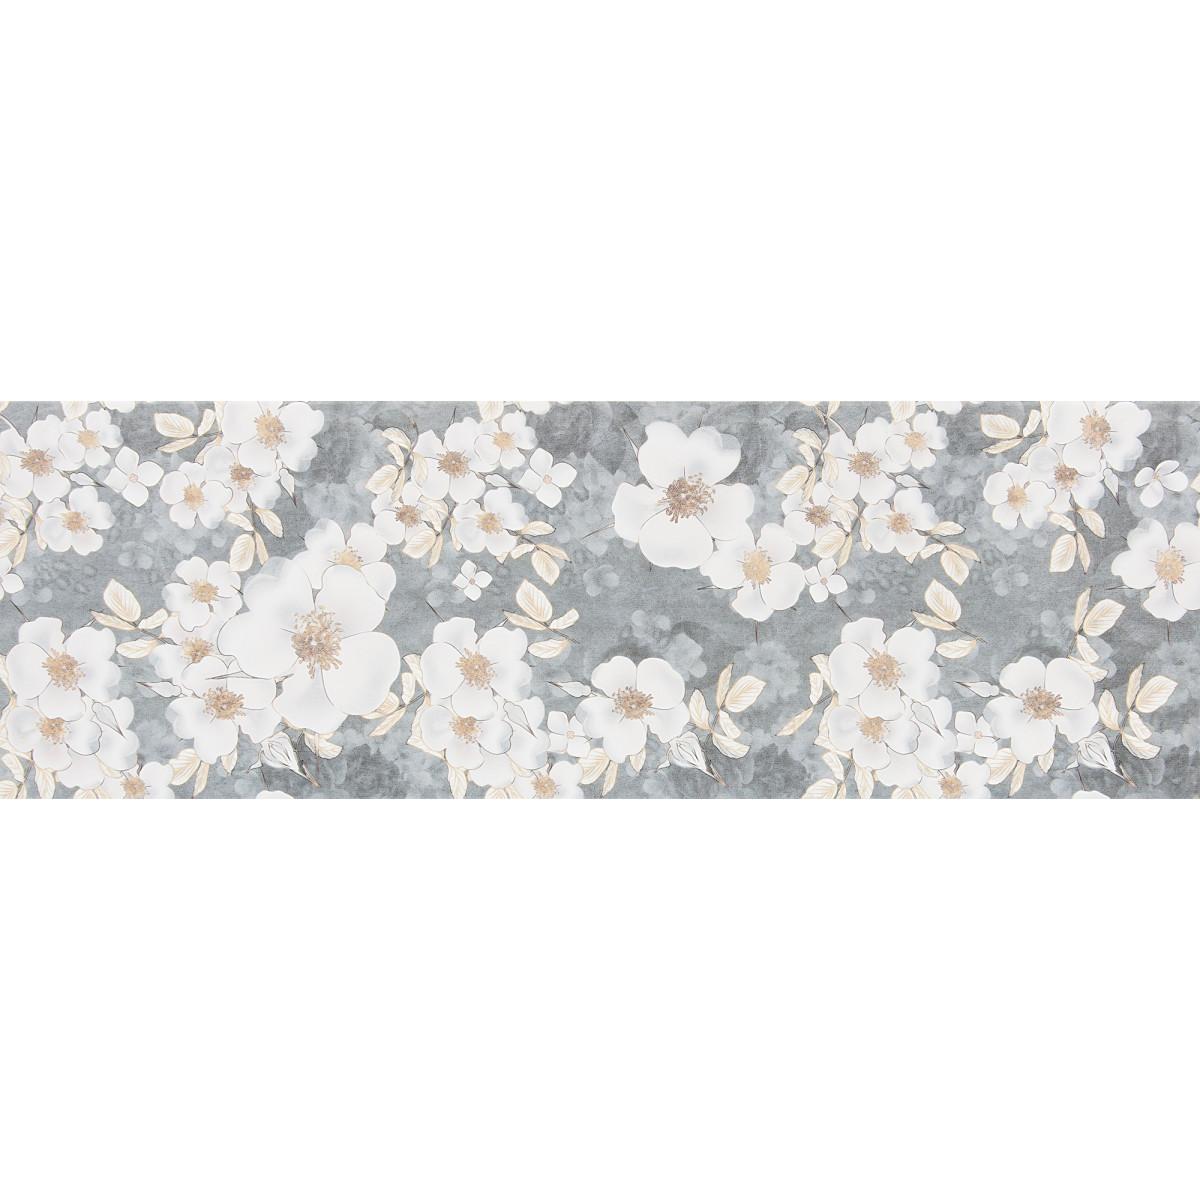 Плитка настенная Орлеан 1Д 75x25 см 1.69 м² цвет мультиколор